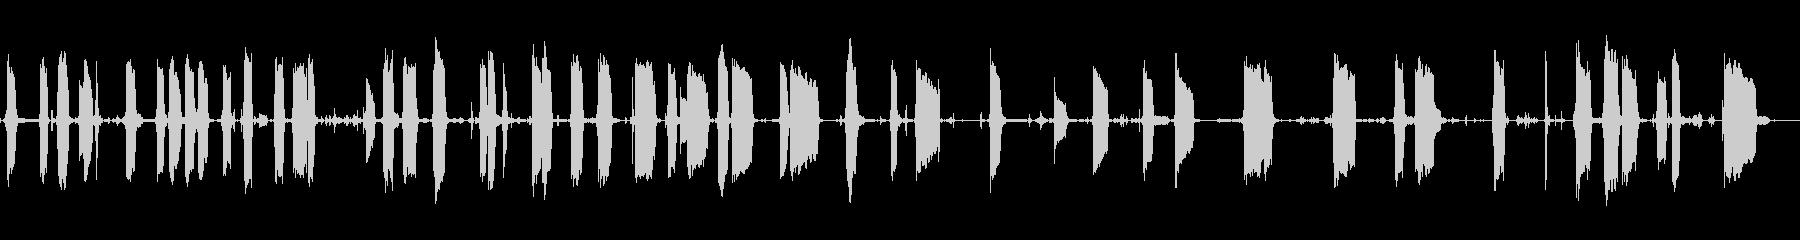 エレキギター超初心者の練習風景の未再生の波形